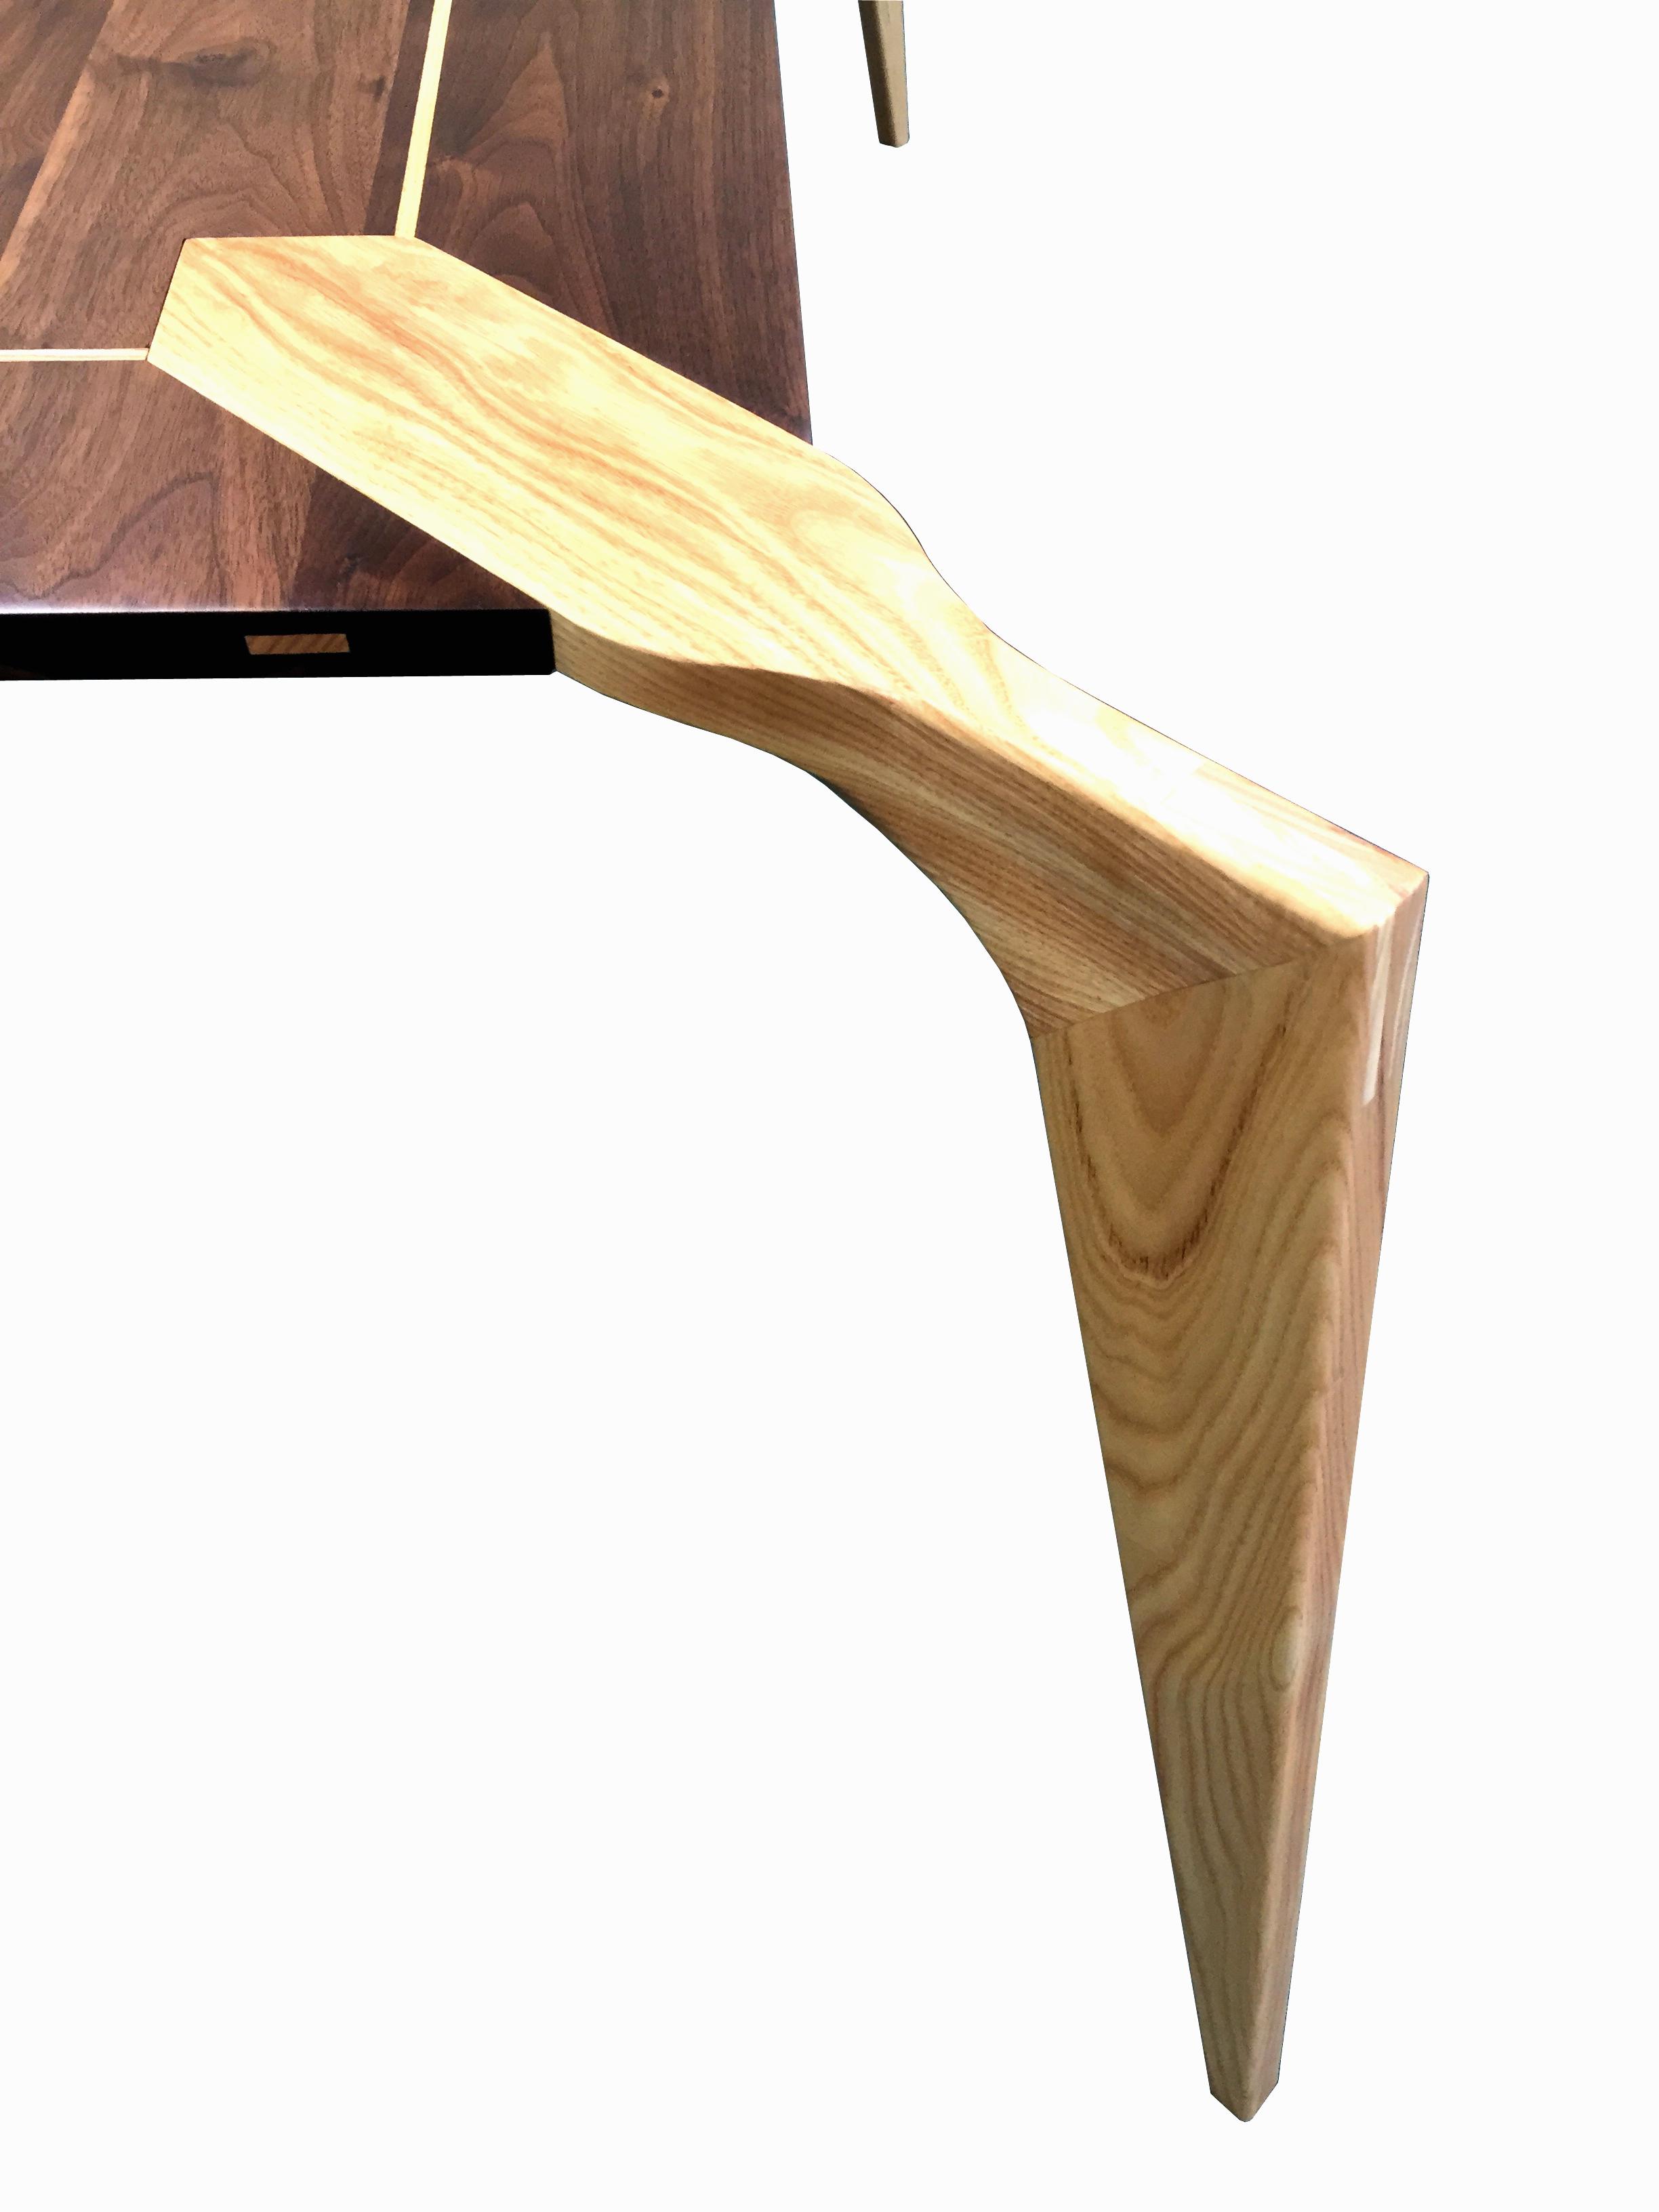 Joint Effort Studio Kipp Table Leg Top 2_F.jpg